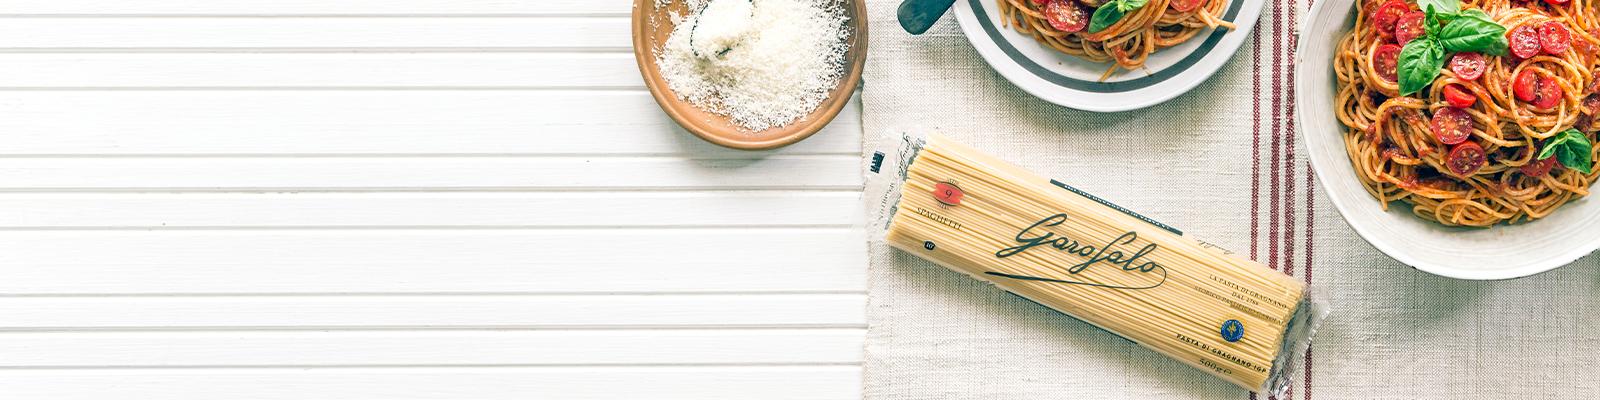 Pasta Garofalo - Massas de Sêmola de Trigo Duro